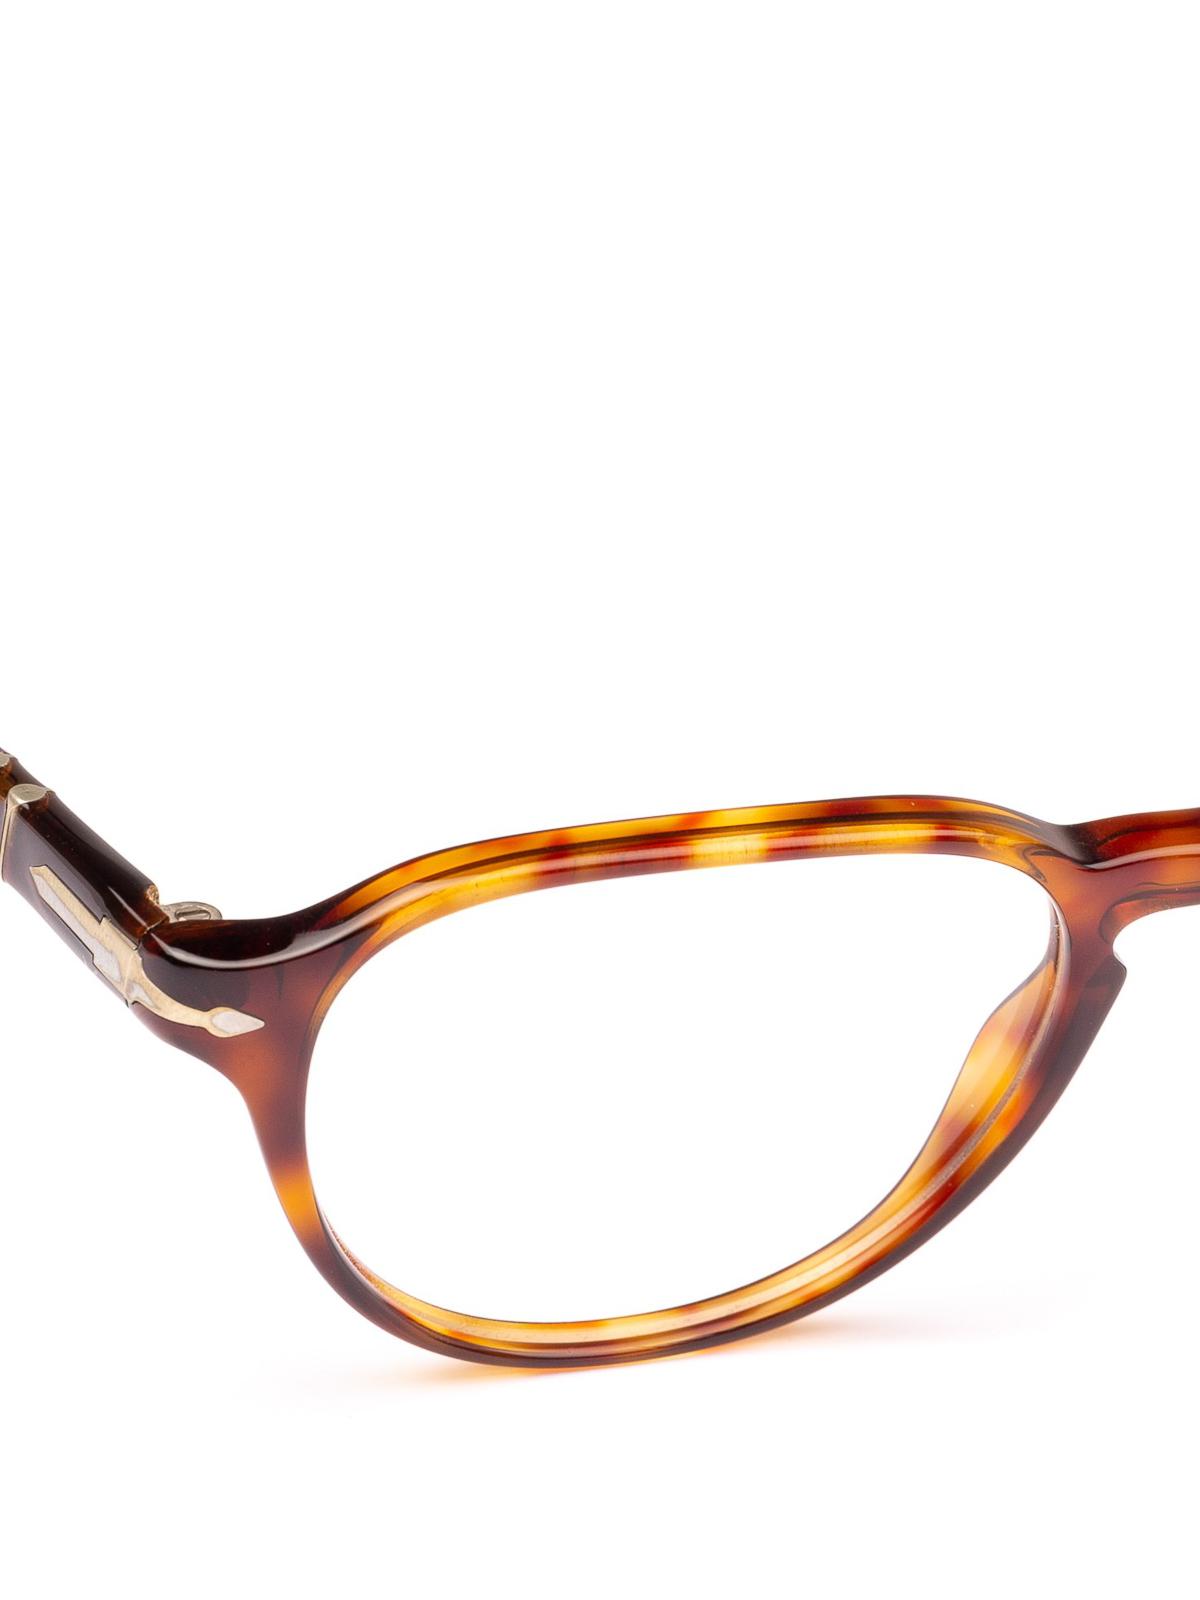 Persol - Light havana frame optical glasses - glasses - PO 3053V 24